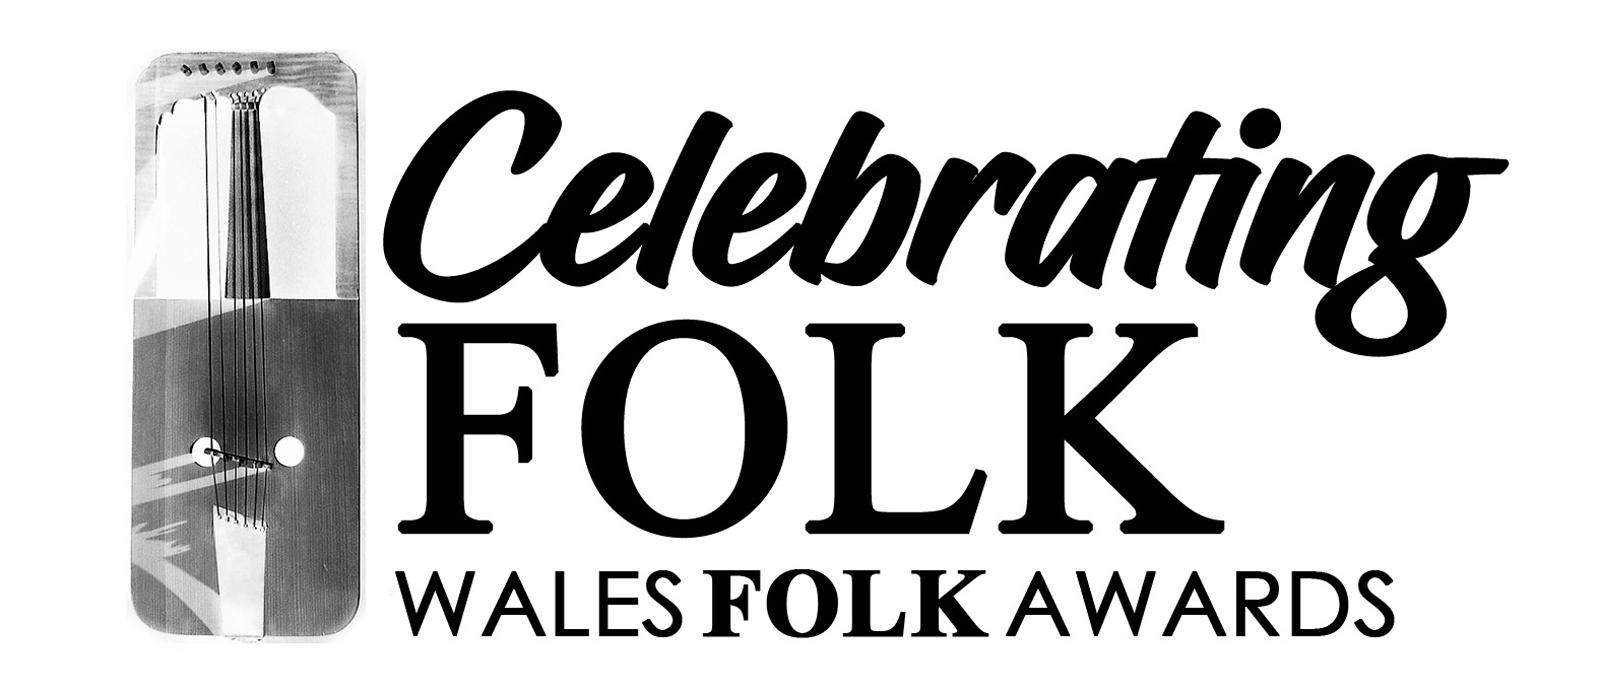 Celebrating Folk